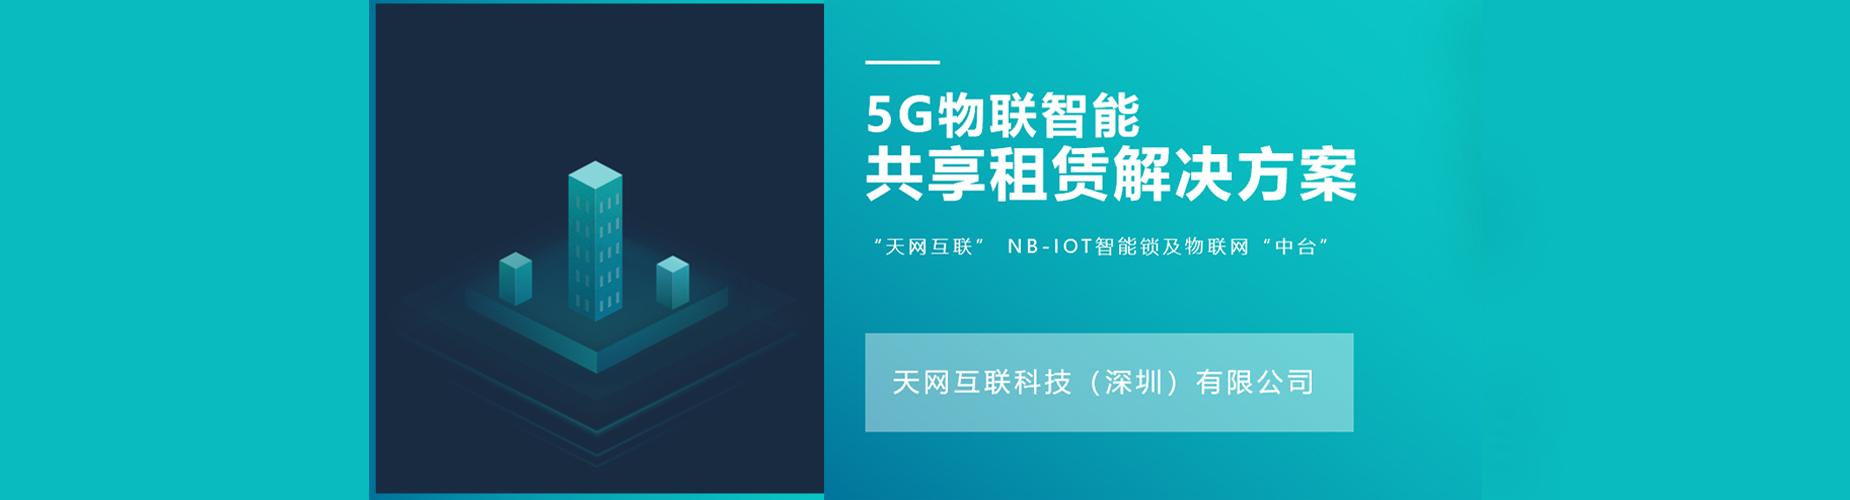 5G物联智能共享租赁解决方案